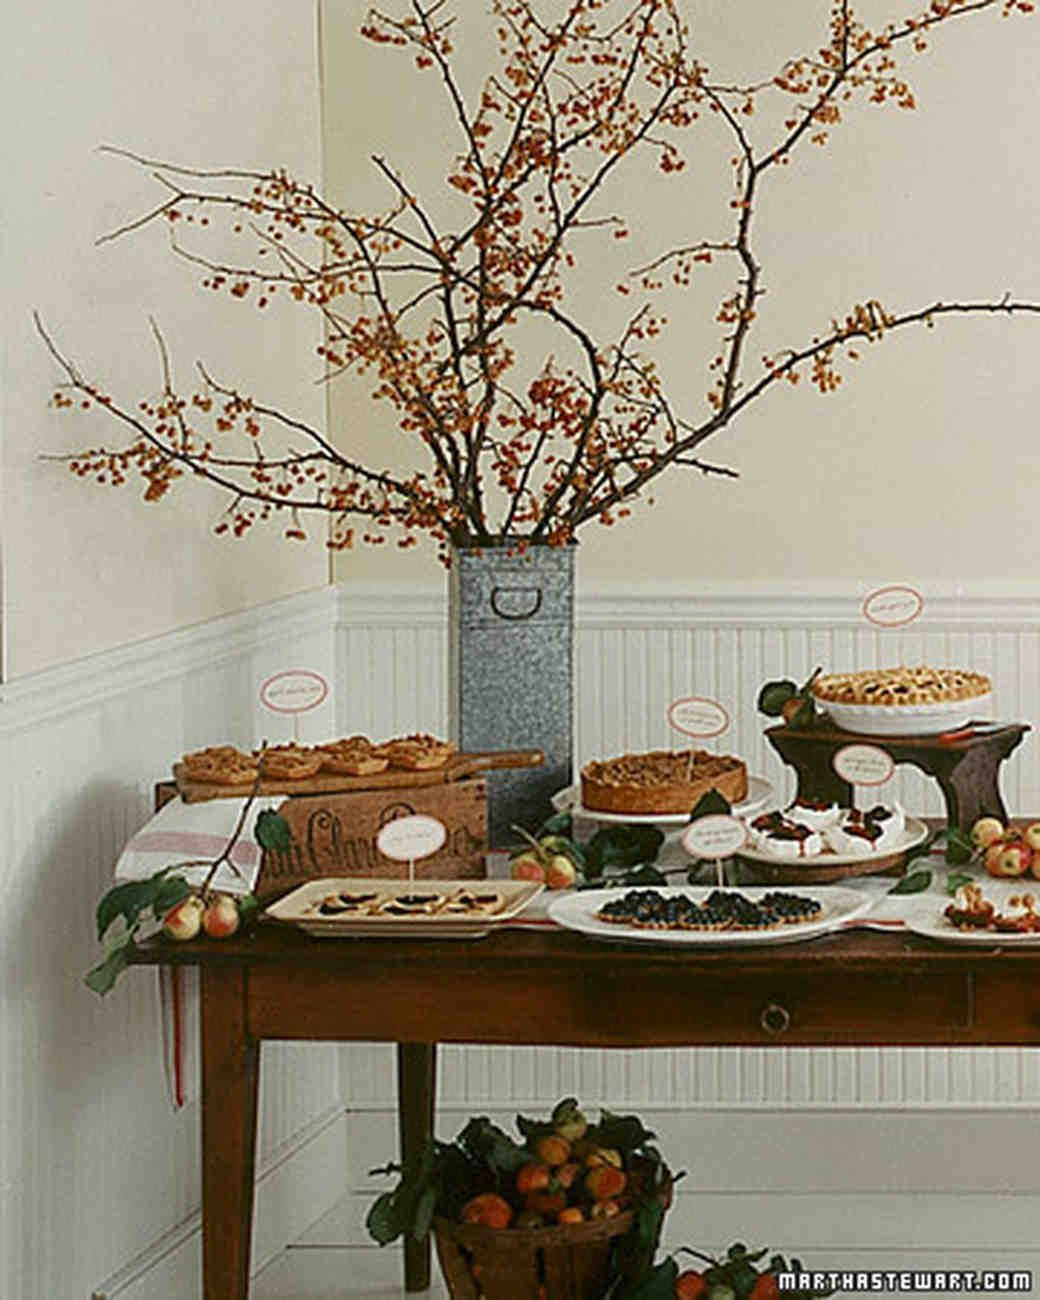 Twigs and Branches Wedding Ideas | Martha Stewart Weddings